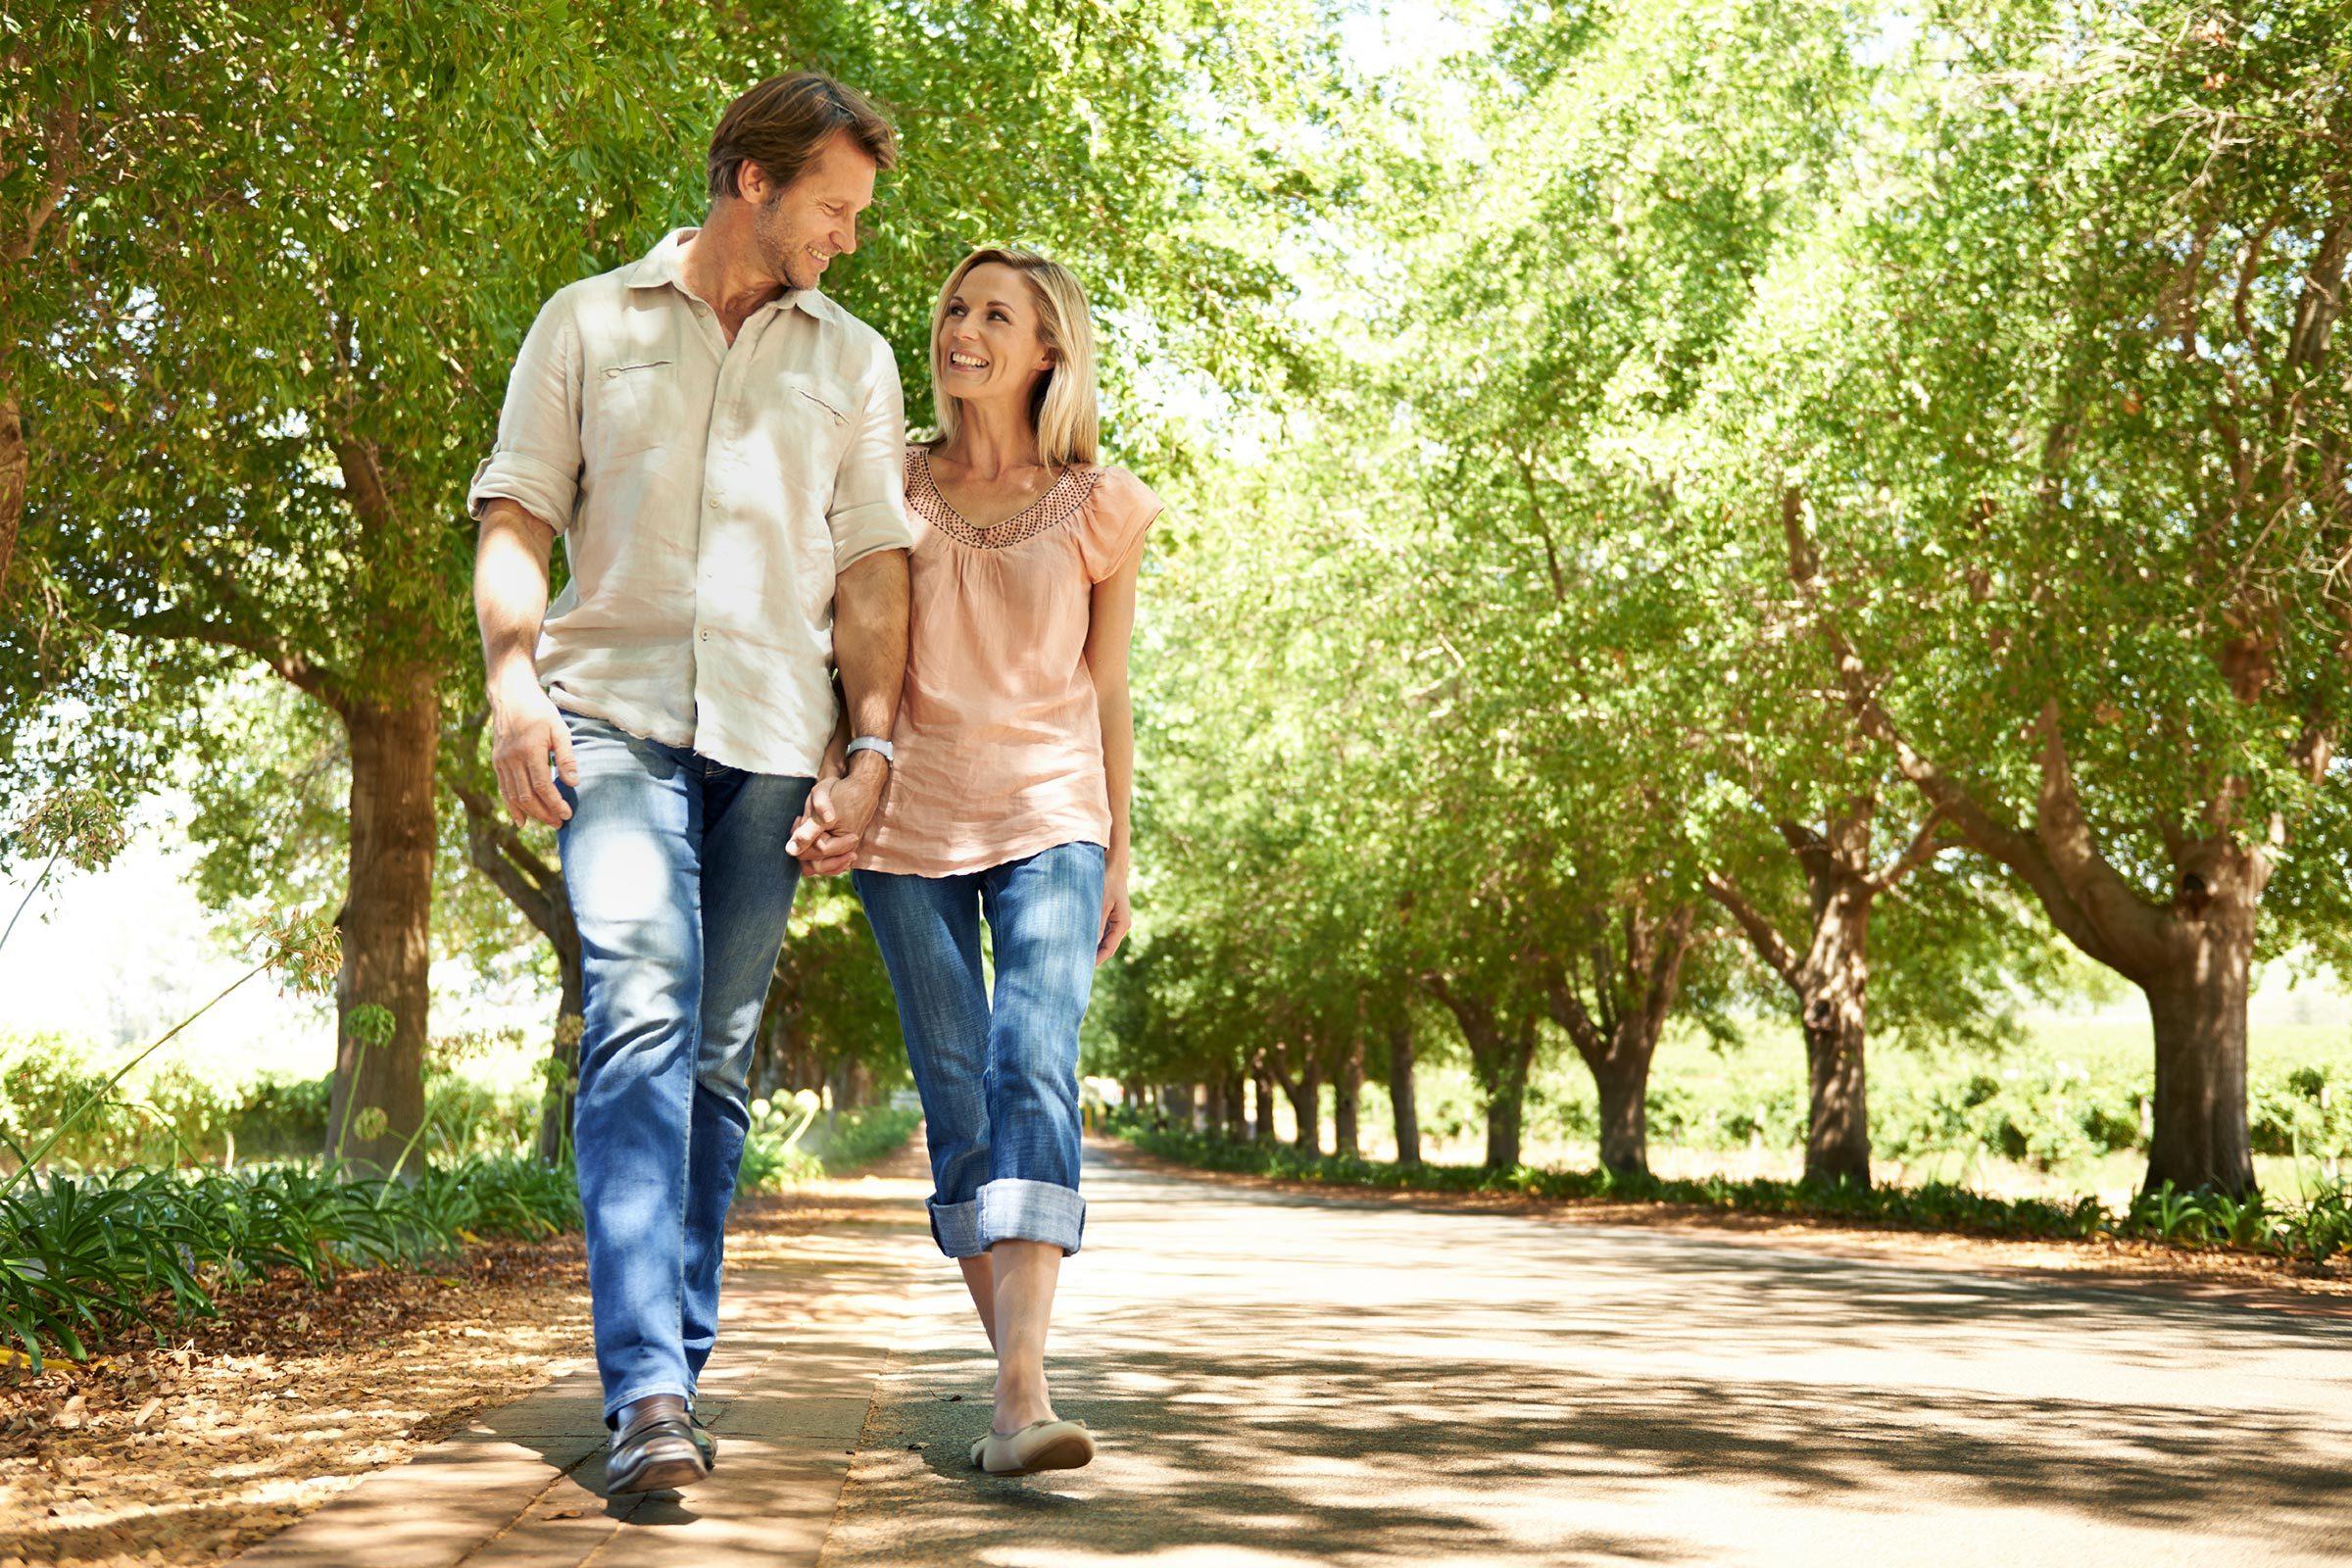 8. The Better-Sex Walk